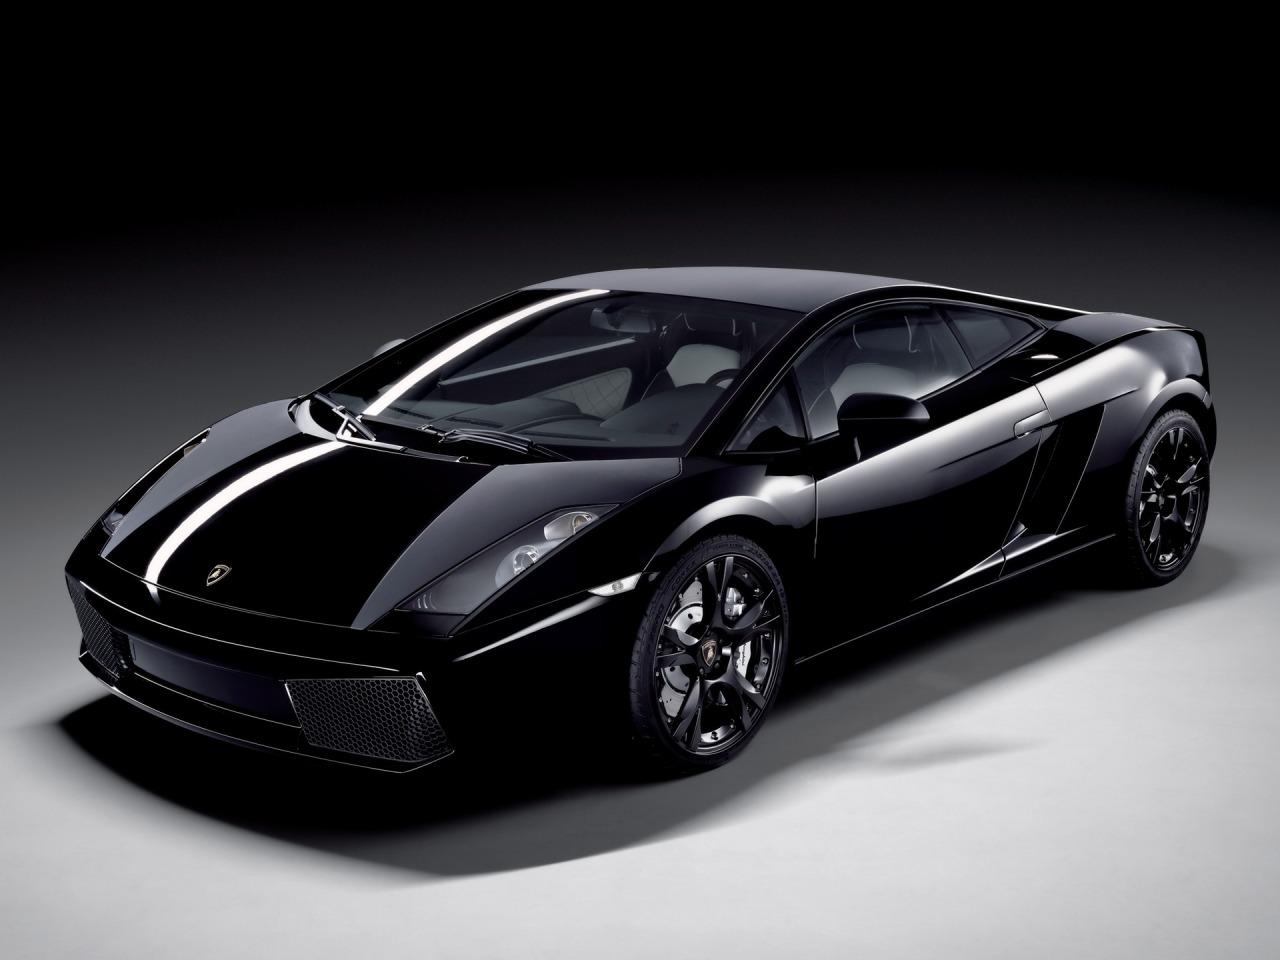 Lamborghini Gallardo Black Wallpaper Lamborghini Cars Wallpapers